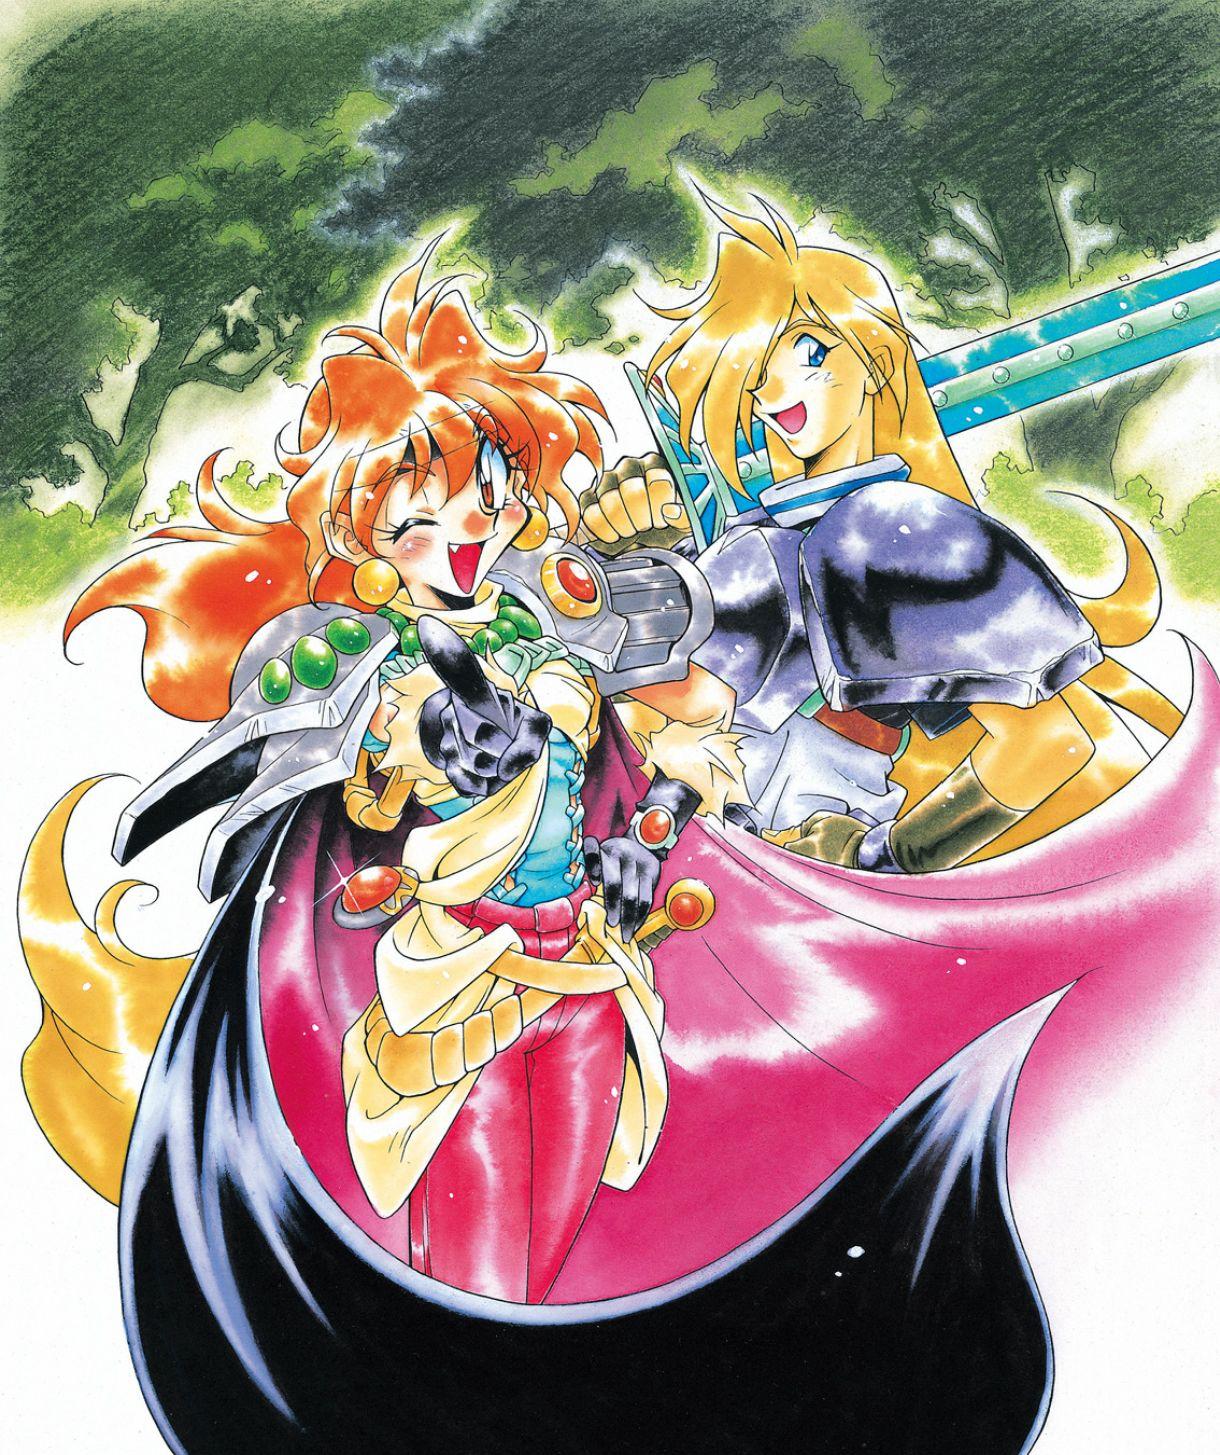 Slayers Slayer anime, 90s anime, Anime characters